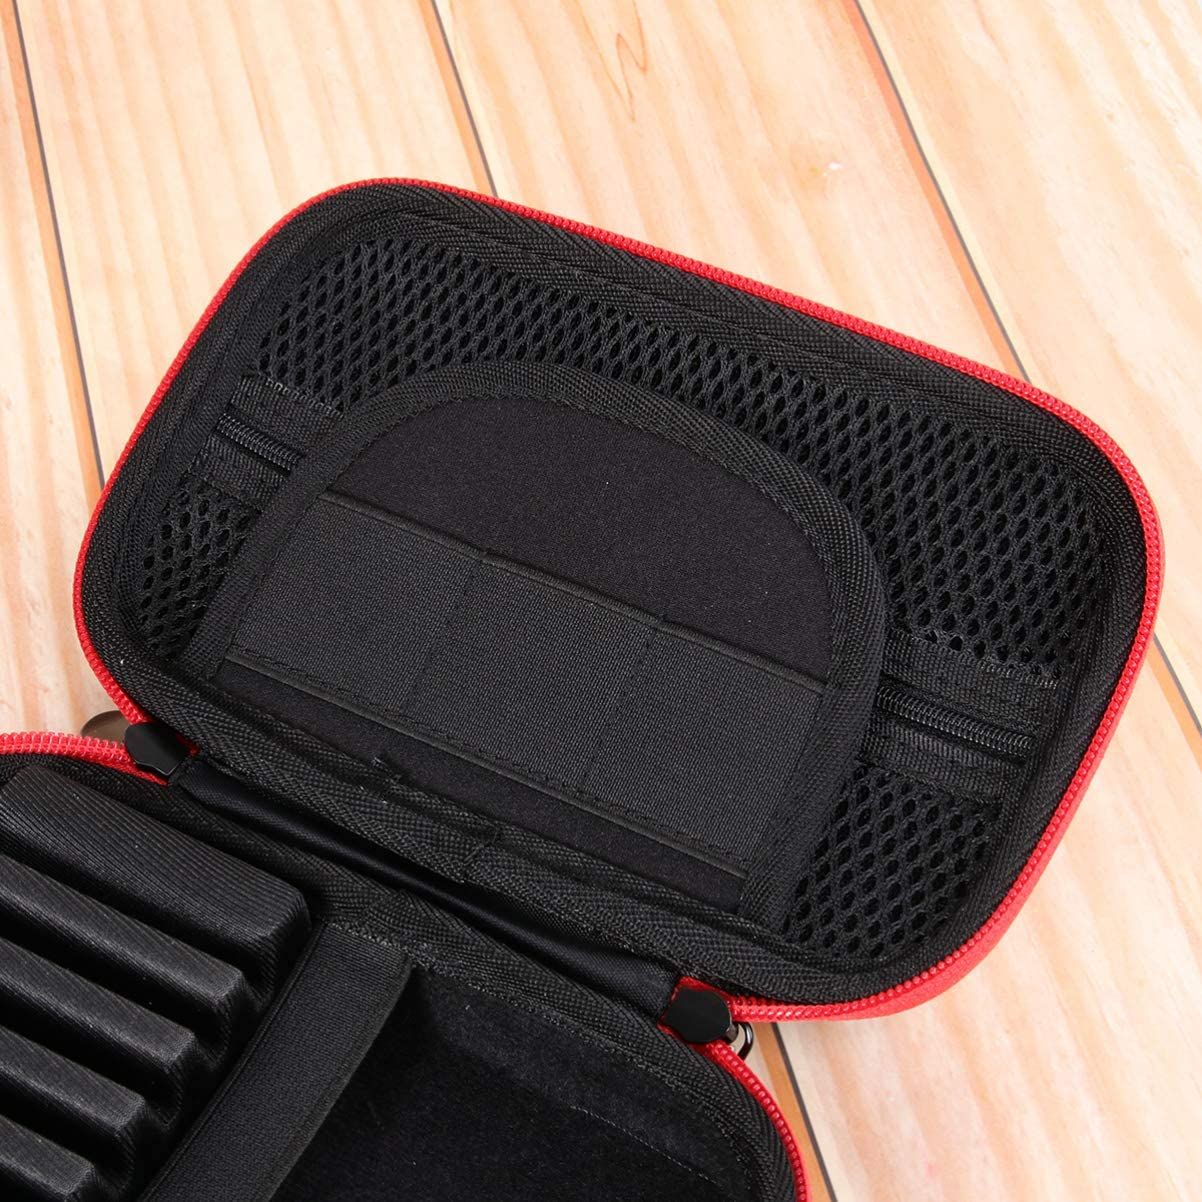 Negro BESPORTBLE Caja de Transporte de Dardos Contenedor de Dardos Port/átil Bolsa de Almacenamiento de Dardos Caja de Transporte de Dardos para Exterior Exterior Hogar